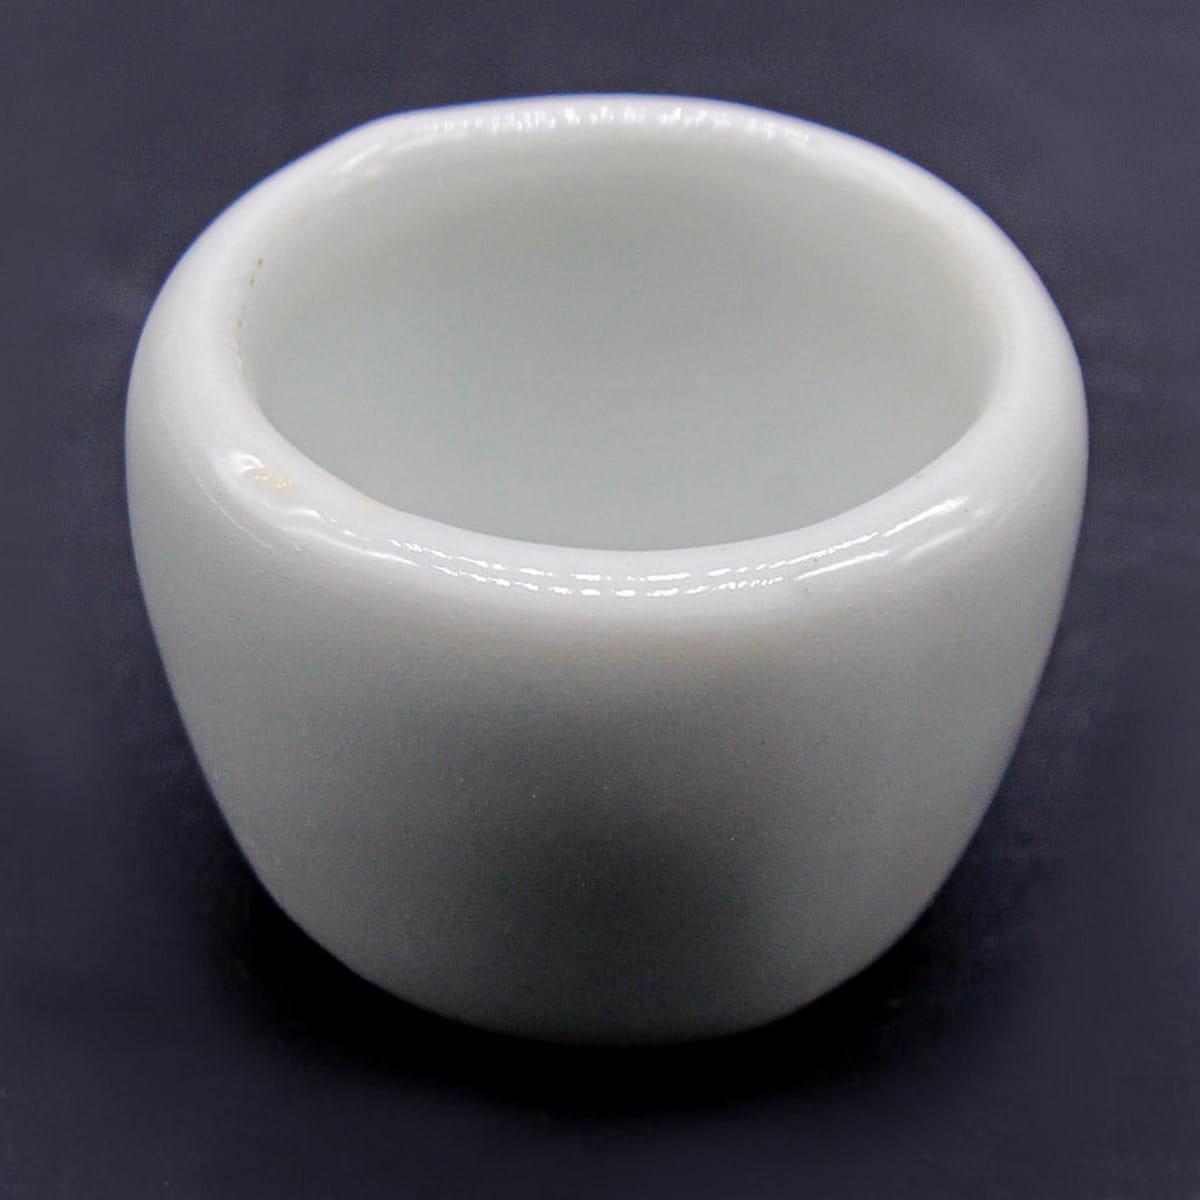 Miniature Ceramic Bowl